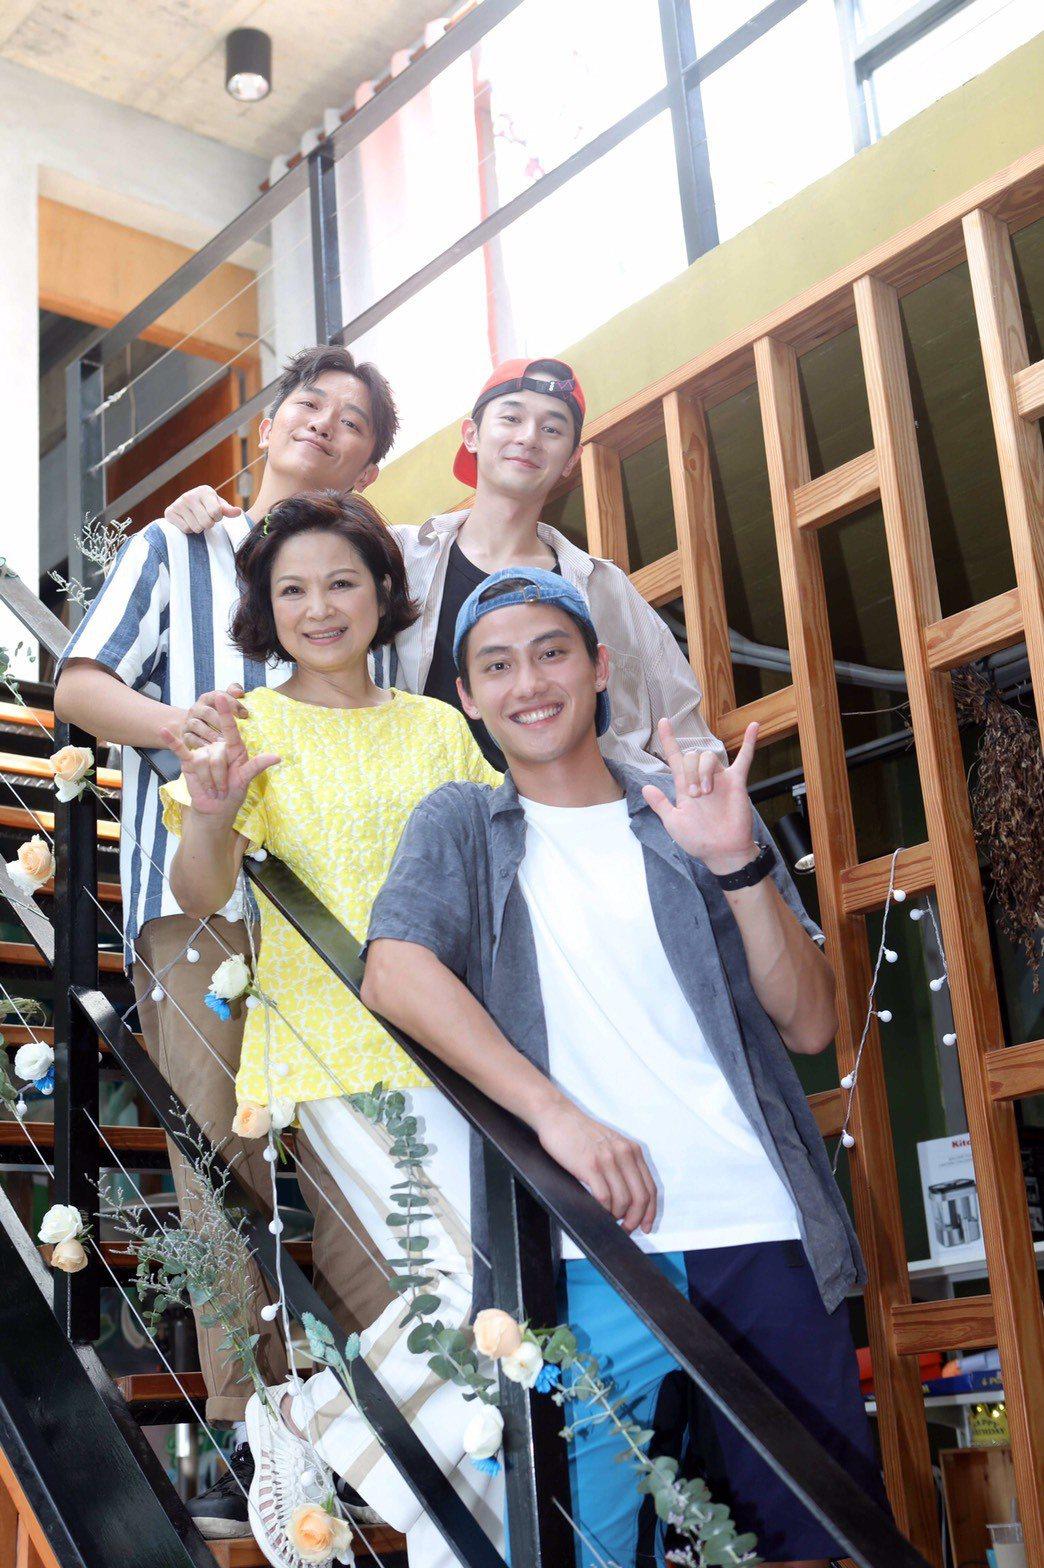 楊貴媚(前左)、范少勳(前右)和索艾克(後左)為「阮三个」第二季赴苗栗民宿開拍,...